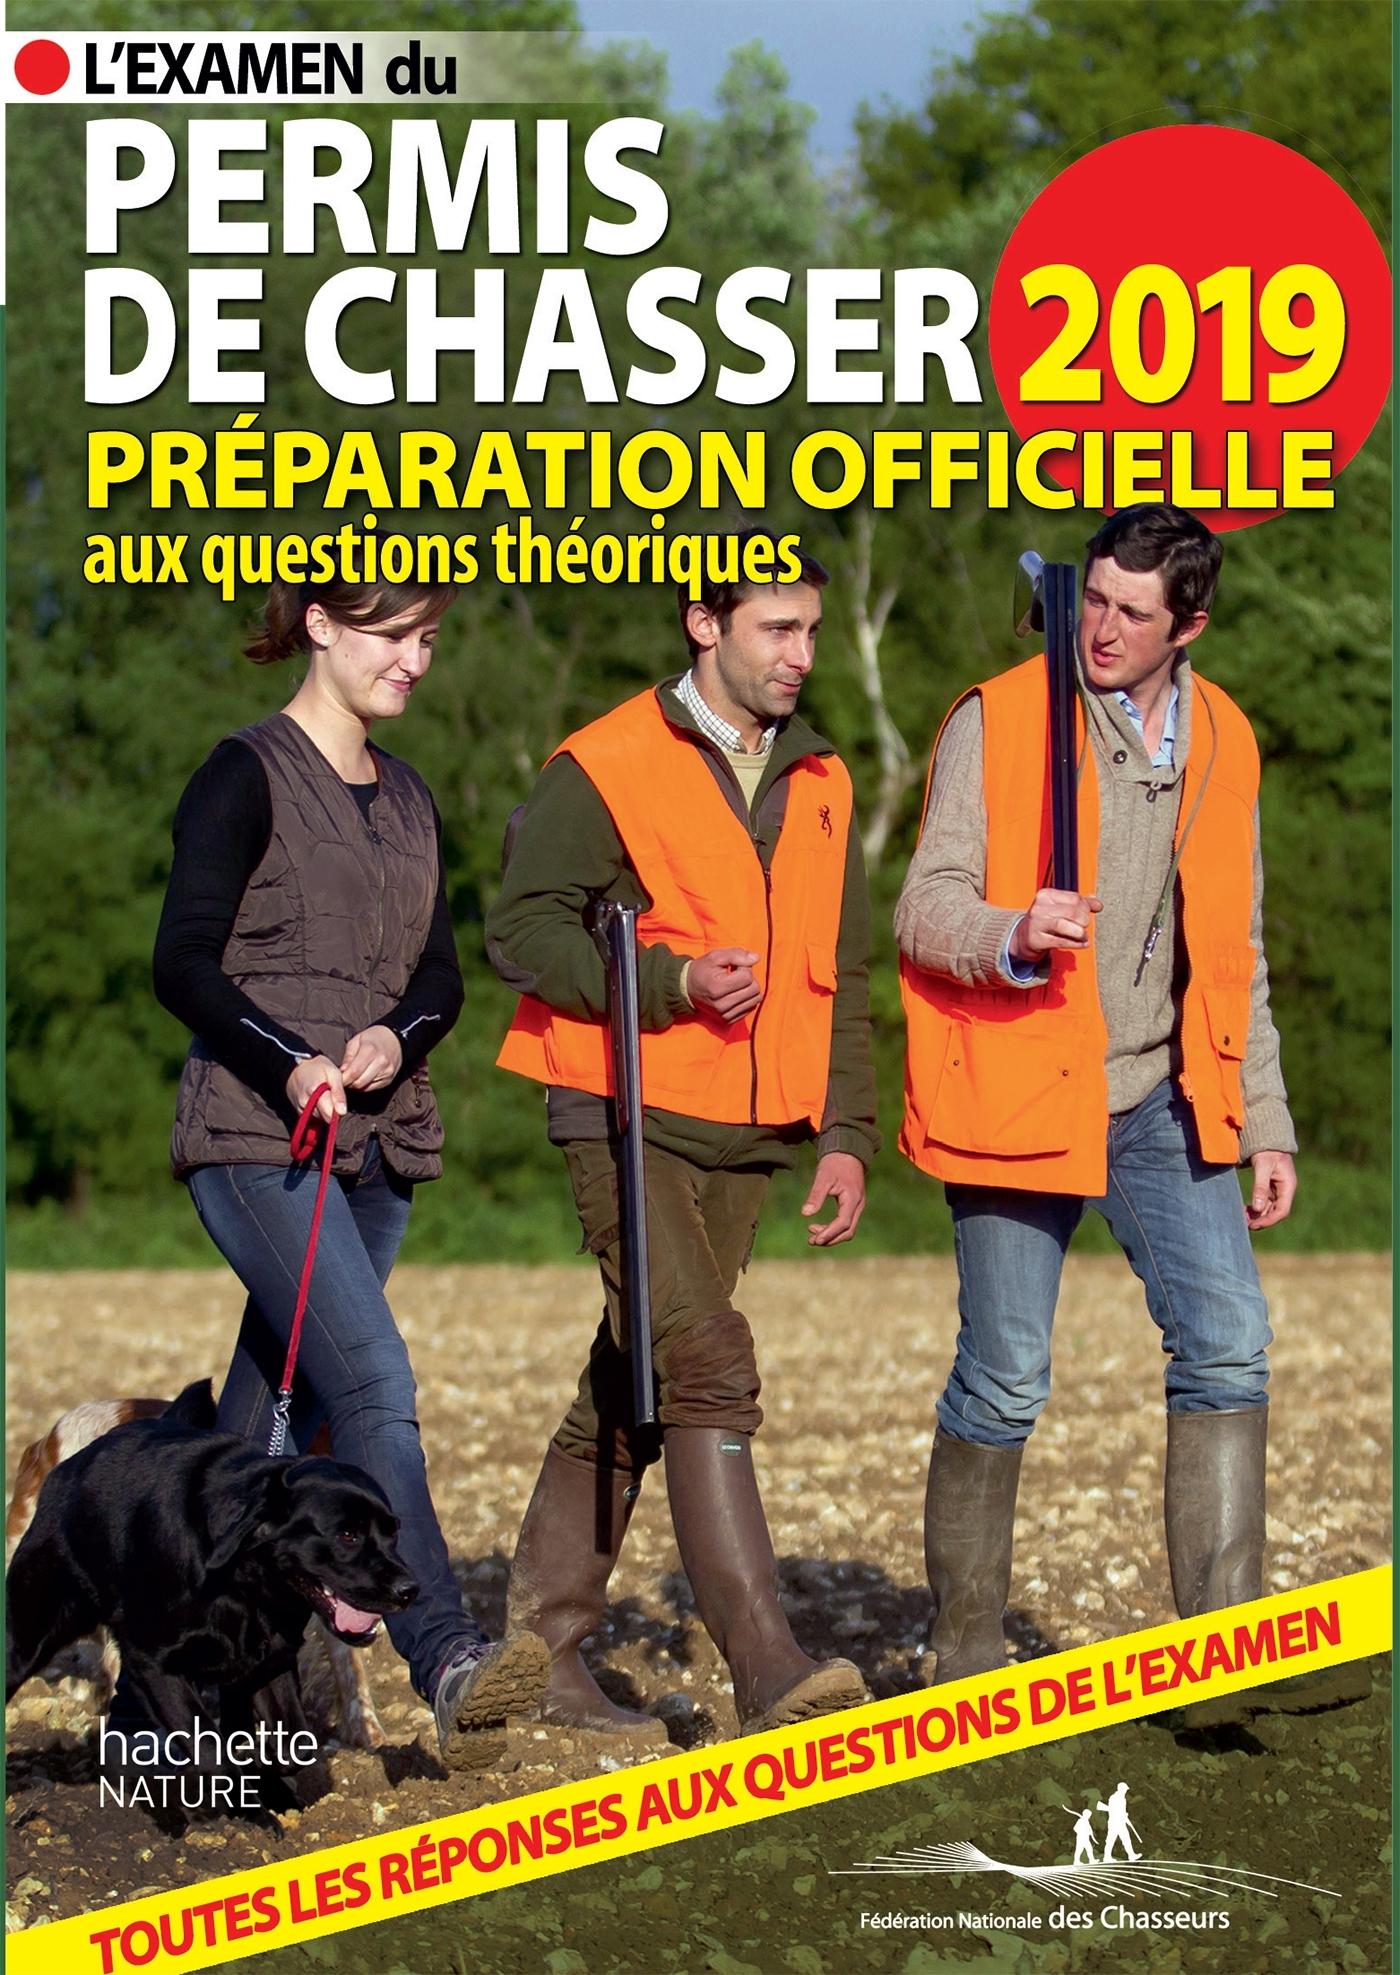 PERMIS DE CHASSER 2019